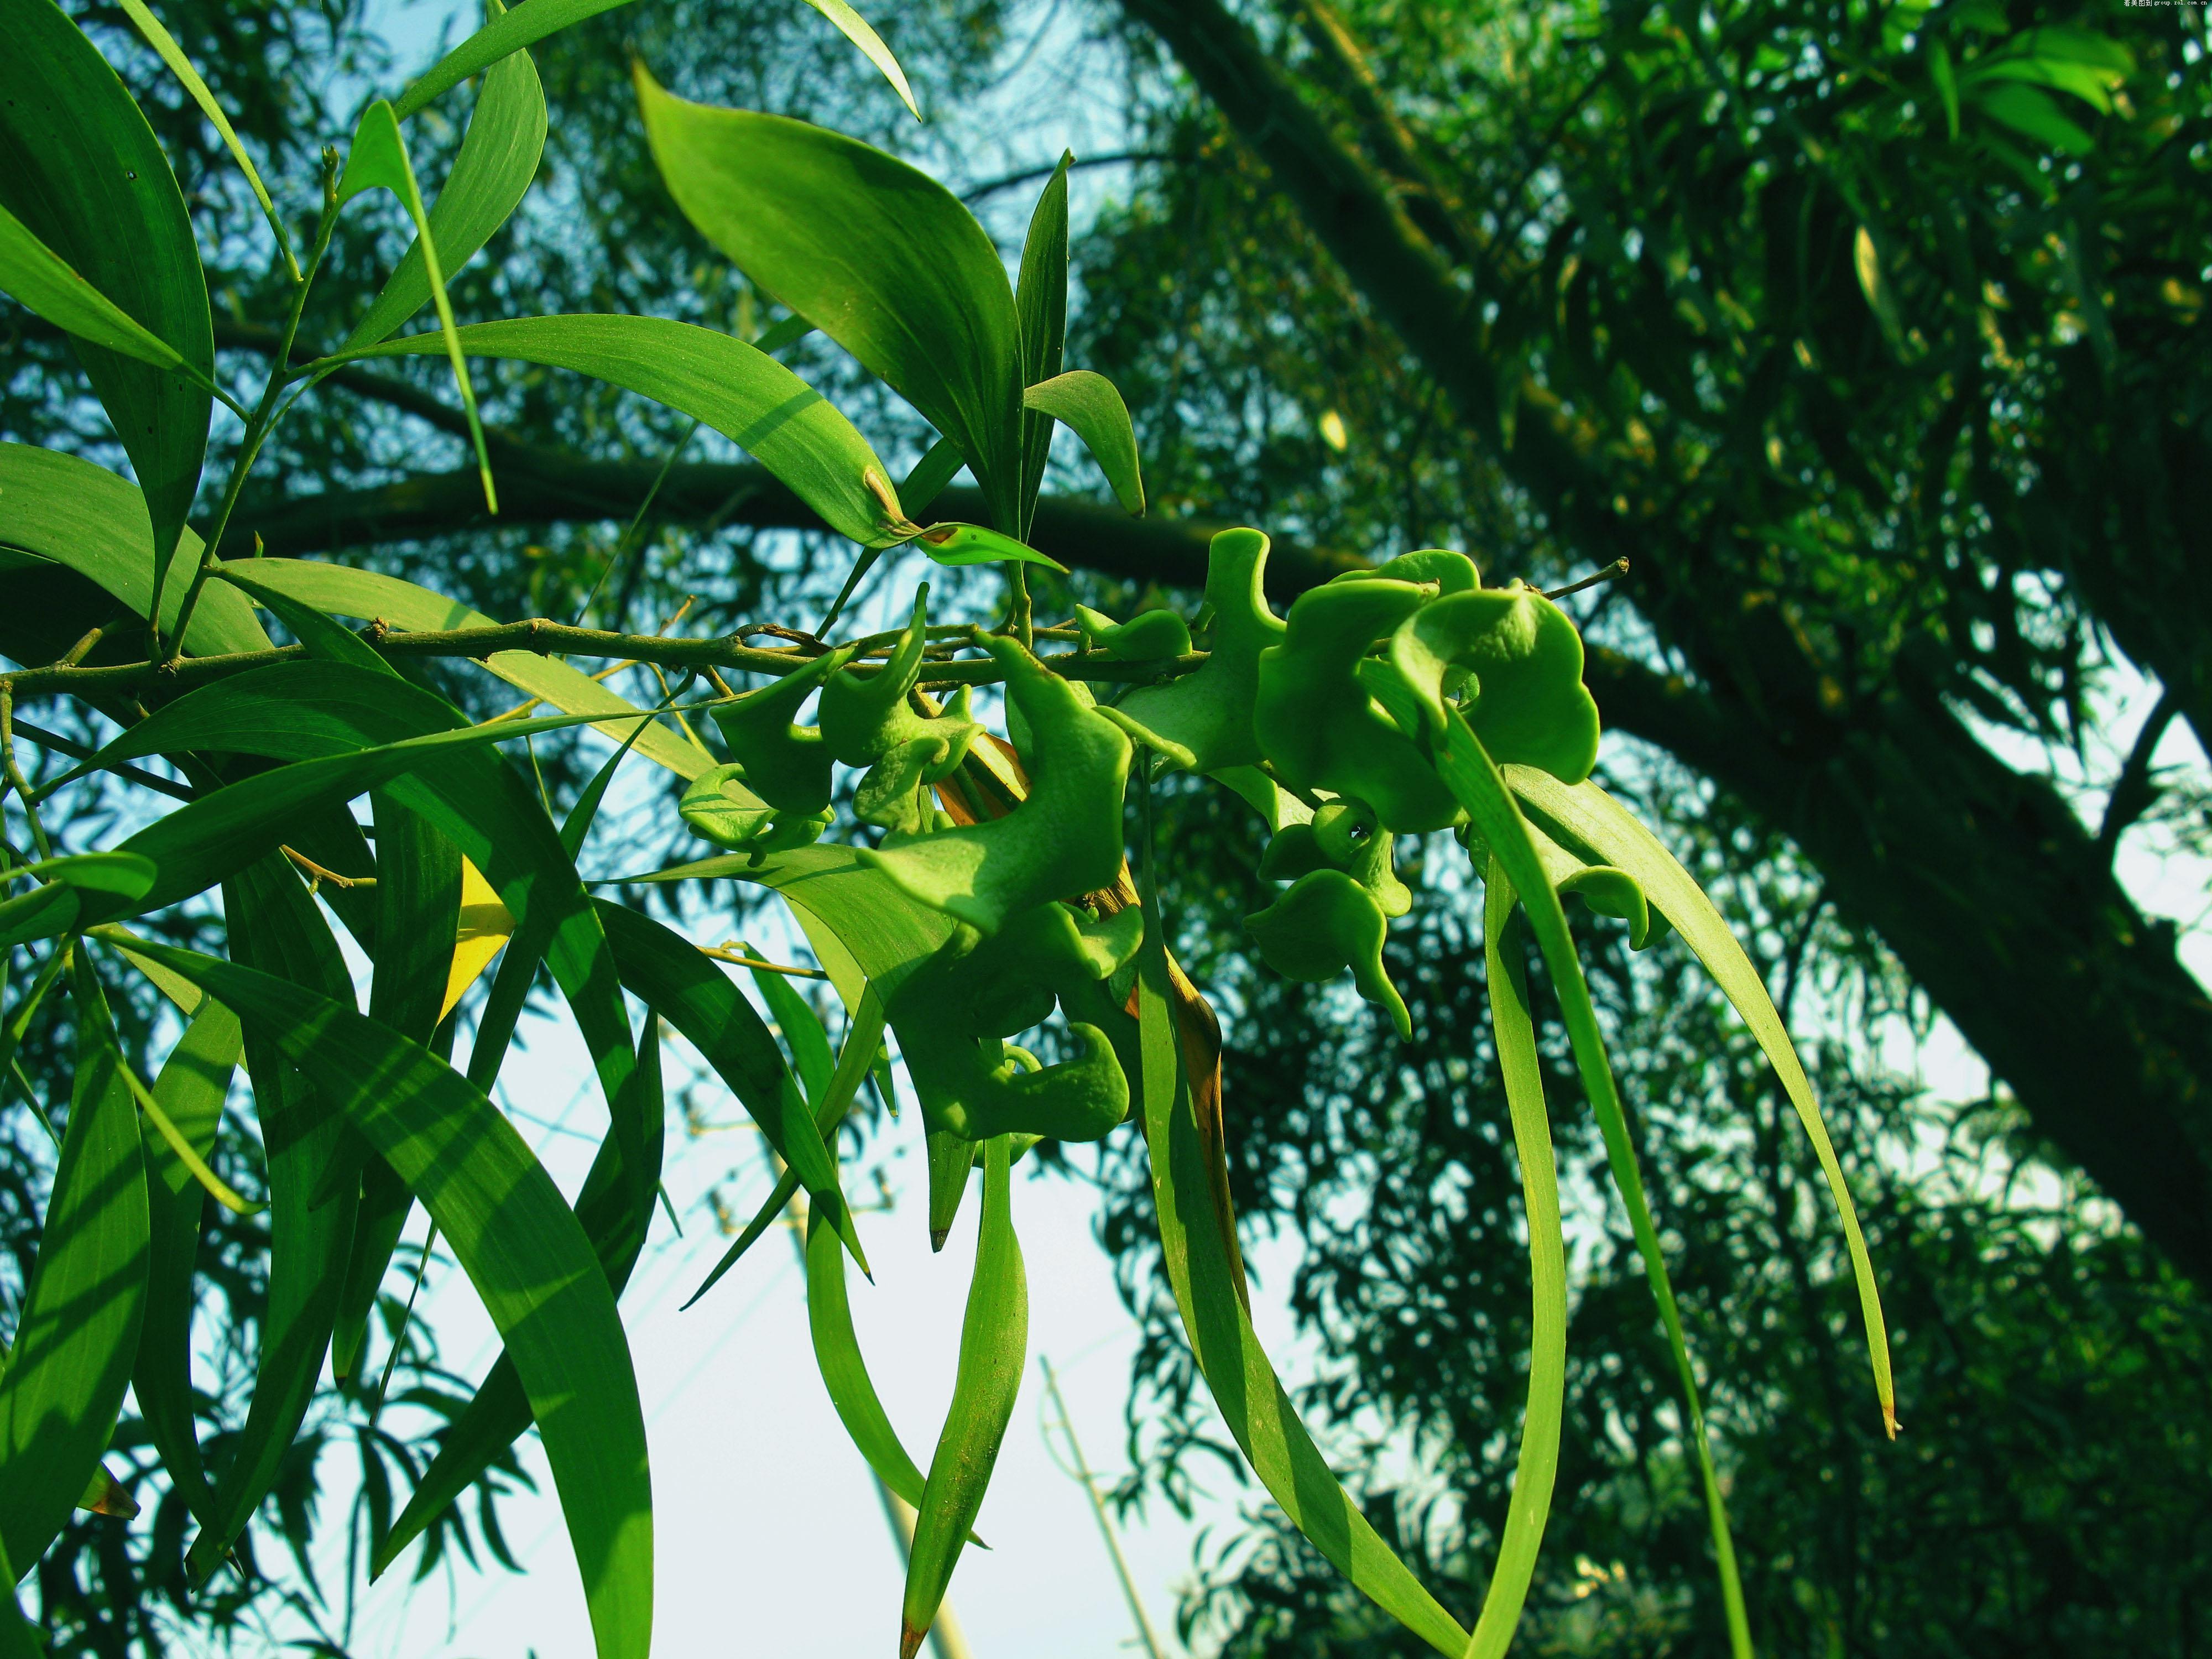 树干上长绿色果实的树